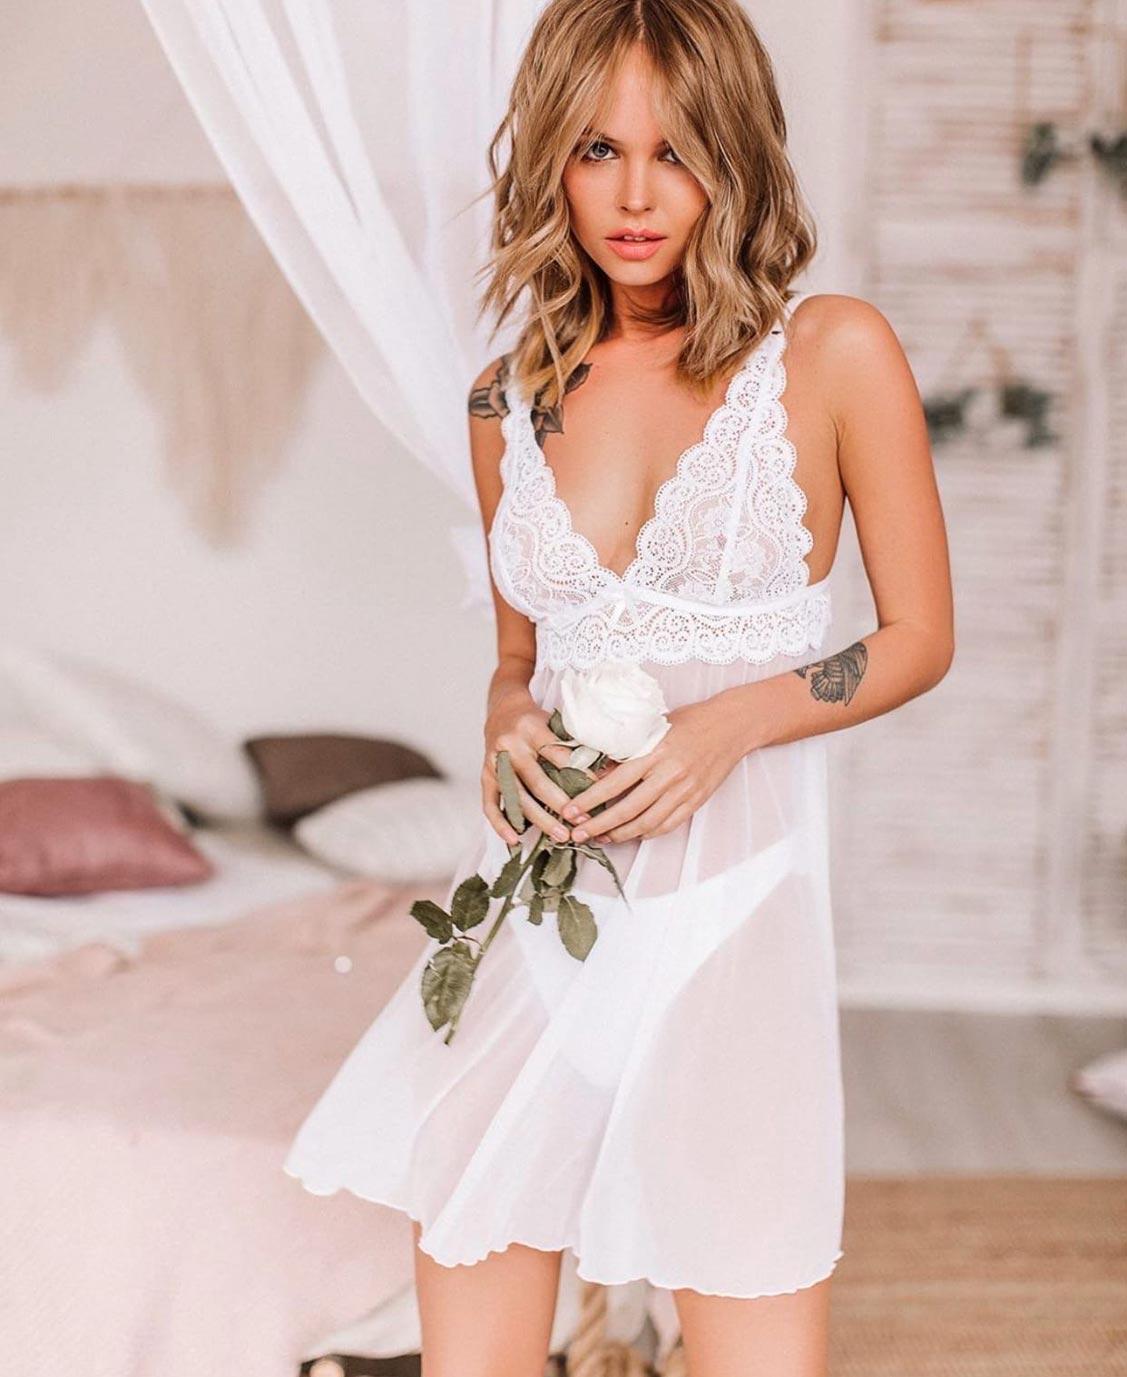 Анастасия Щеглова в нижнем белье торговой марки MissX / фото 37